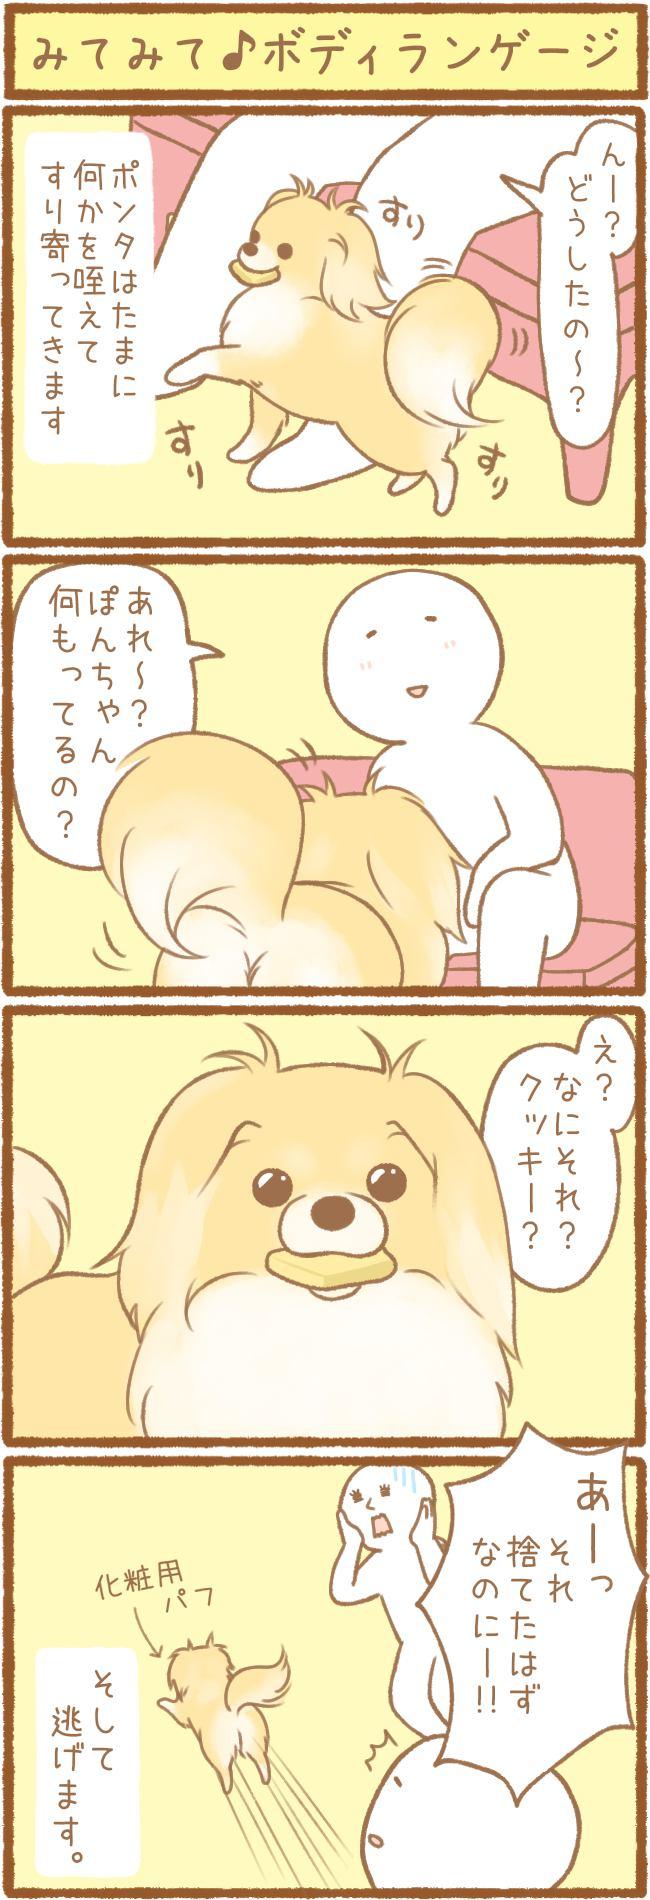 ただの犬好きです。第36話 みてみて♪ボディランゲージ